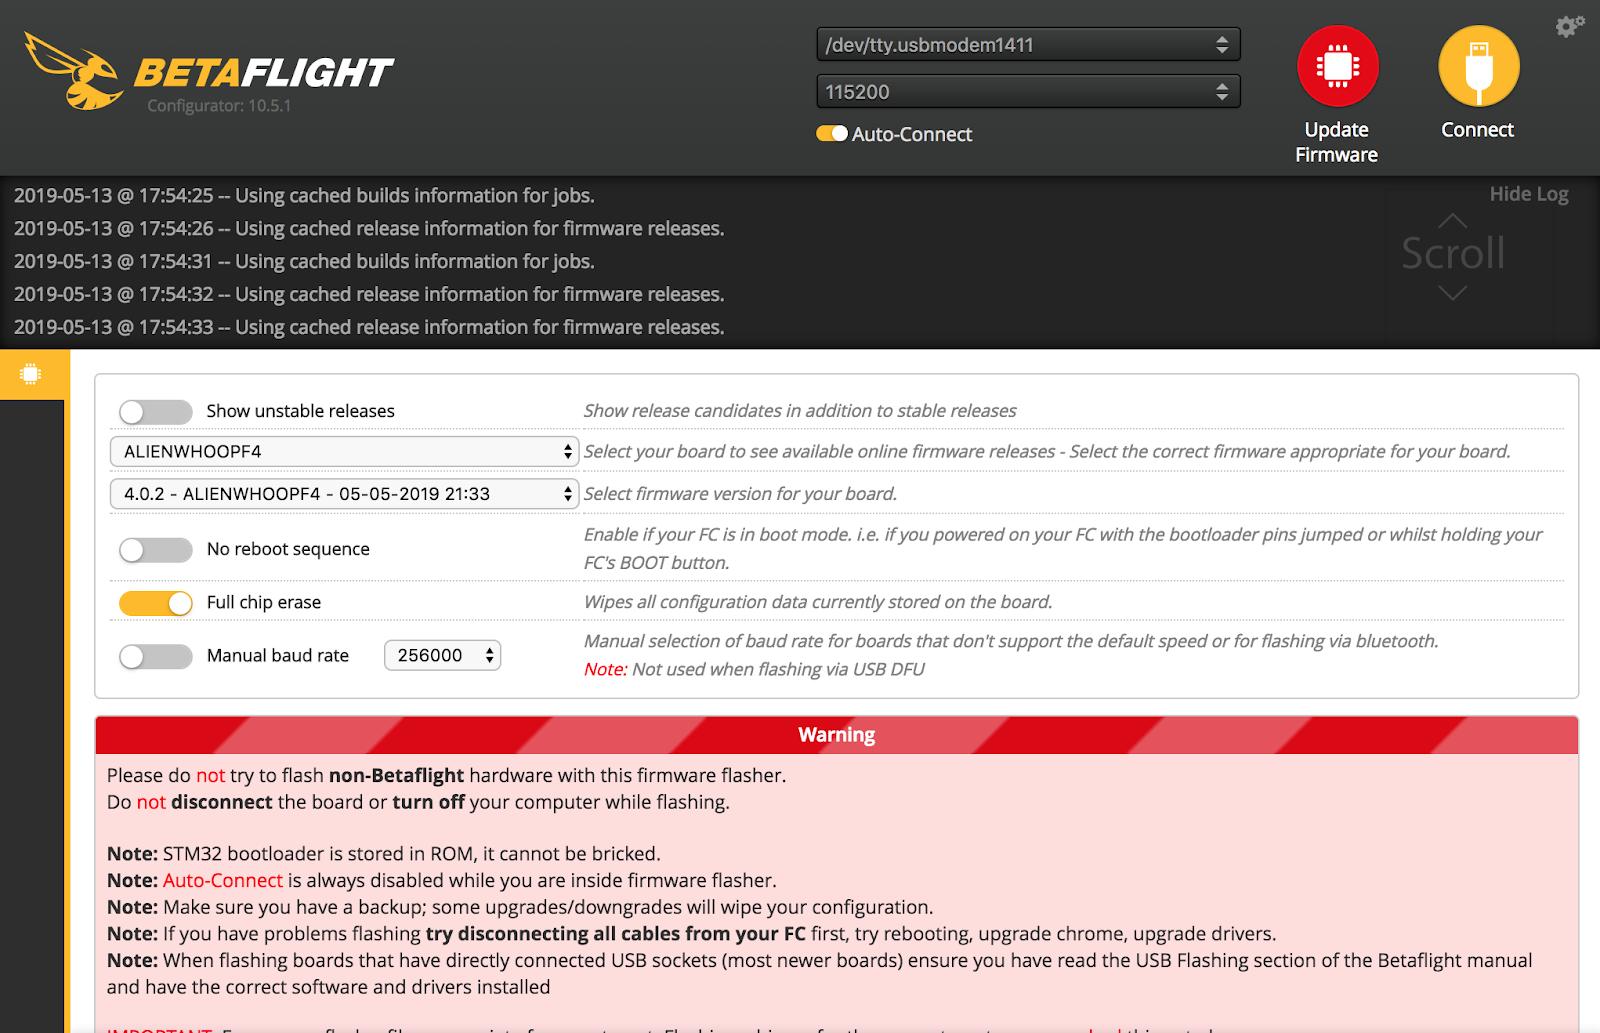 betaflight ファームウェア update